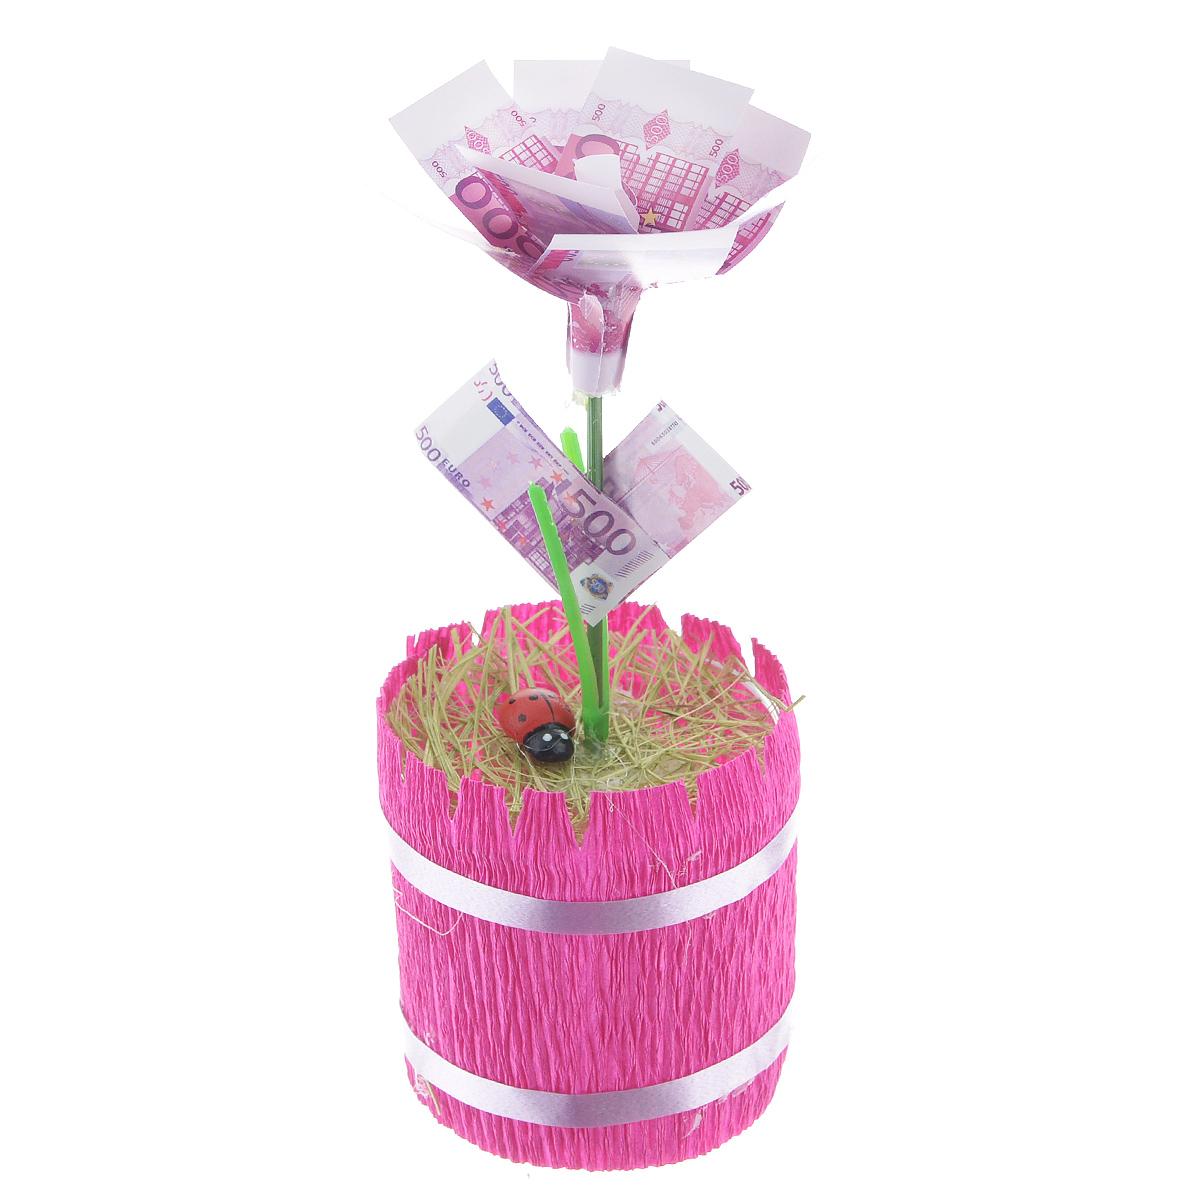 Денежный цветок Расцвет бизнеса. Евро, цвет: ярко-розовый, зеленый, белый89969Настольная композиция Расцвет бизнеса. Евро выполнена в виде симпатичного денежного цветка. На пластиковый стебель цветка насажены миниатюрные купюры достоинством в 500 евро. Цветок закреплен в стеклянном стакане-горшочке, оформленном гофрированной бумагой. У основания цветка расположена забавная божья коровка. Такой симпатичный денежный цветок будет отличным подарком к любому случаю! Высота цветка: 13,5 см. Диаметр цветка: 5,5 см.